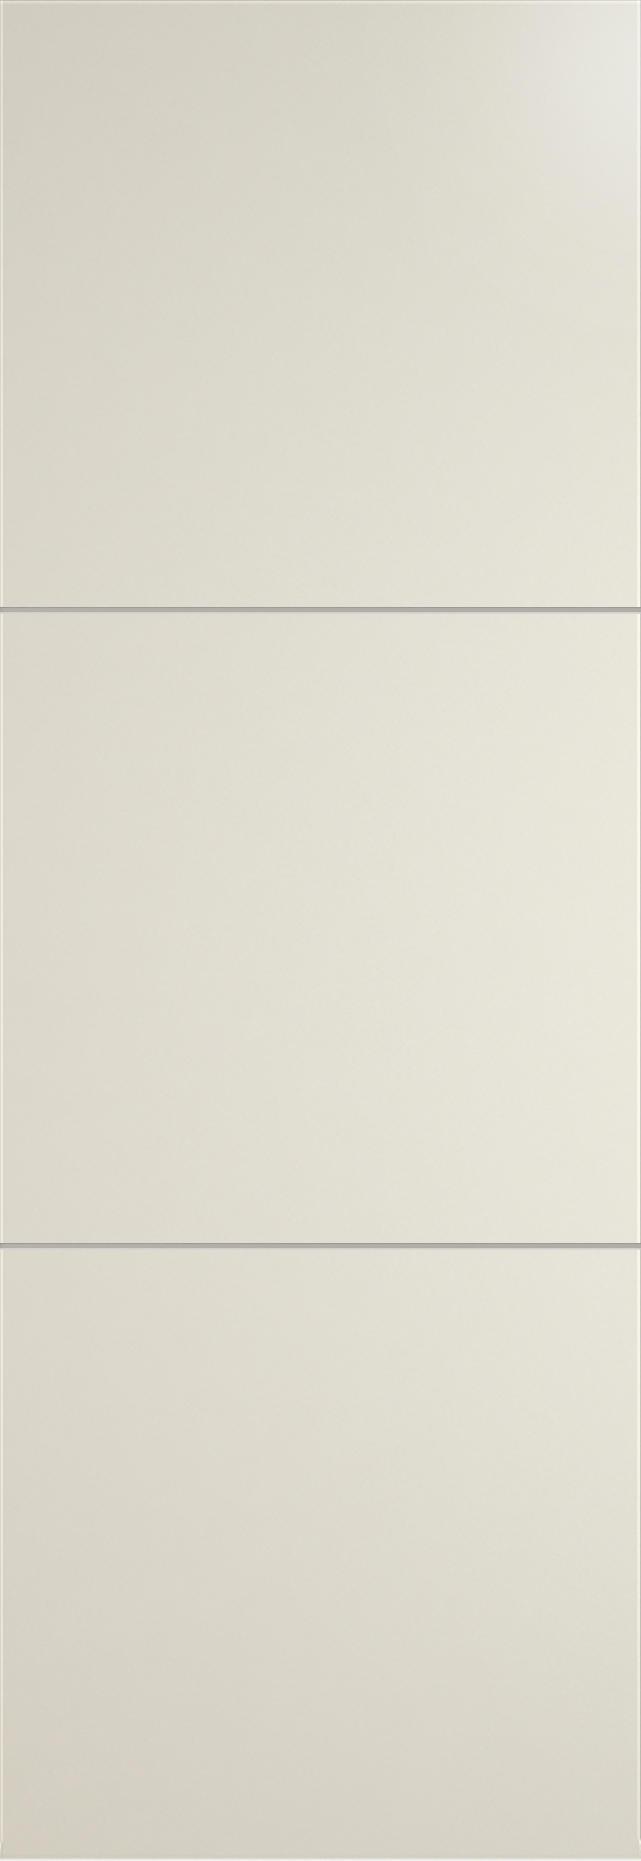 Tivoli В-2 Invisible цвет - Жемчужная эмаль Без стекла (ДГ)